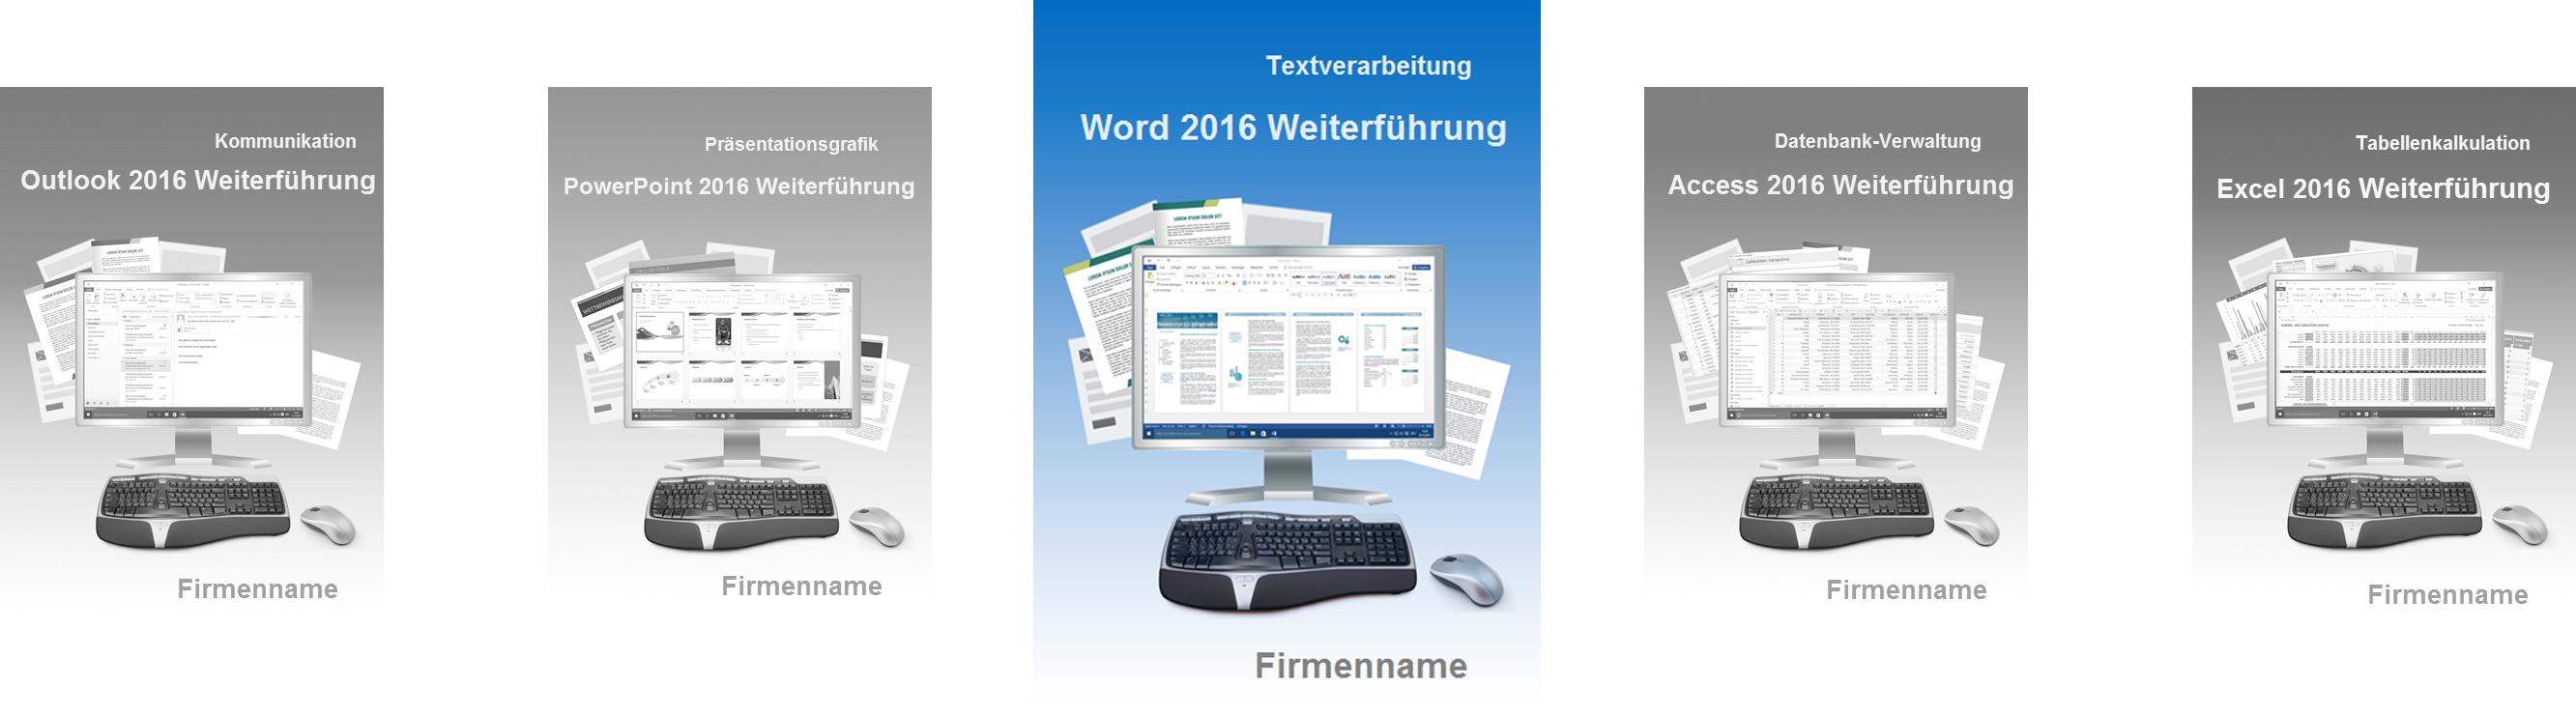 schulungsunterlage-word-2016-weiterführung-cover